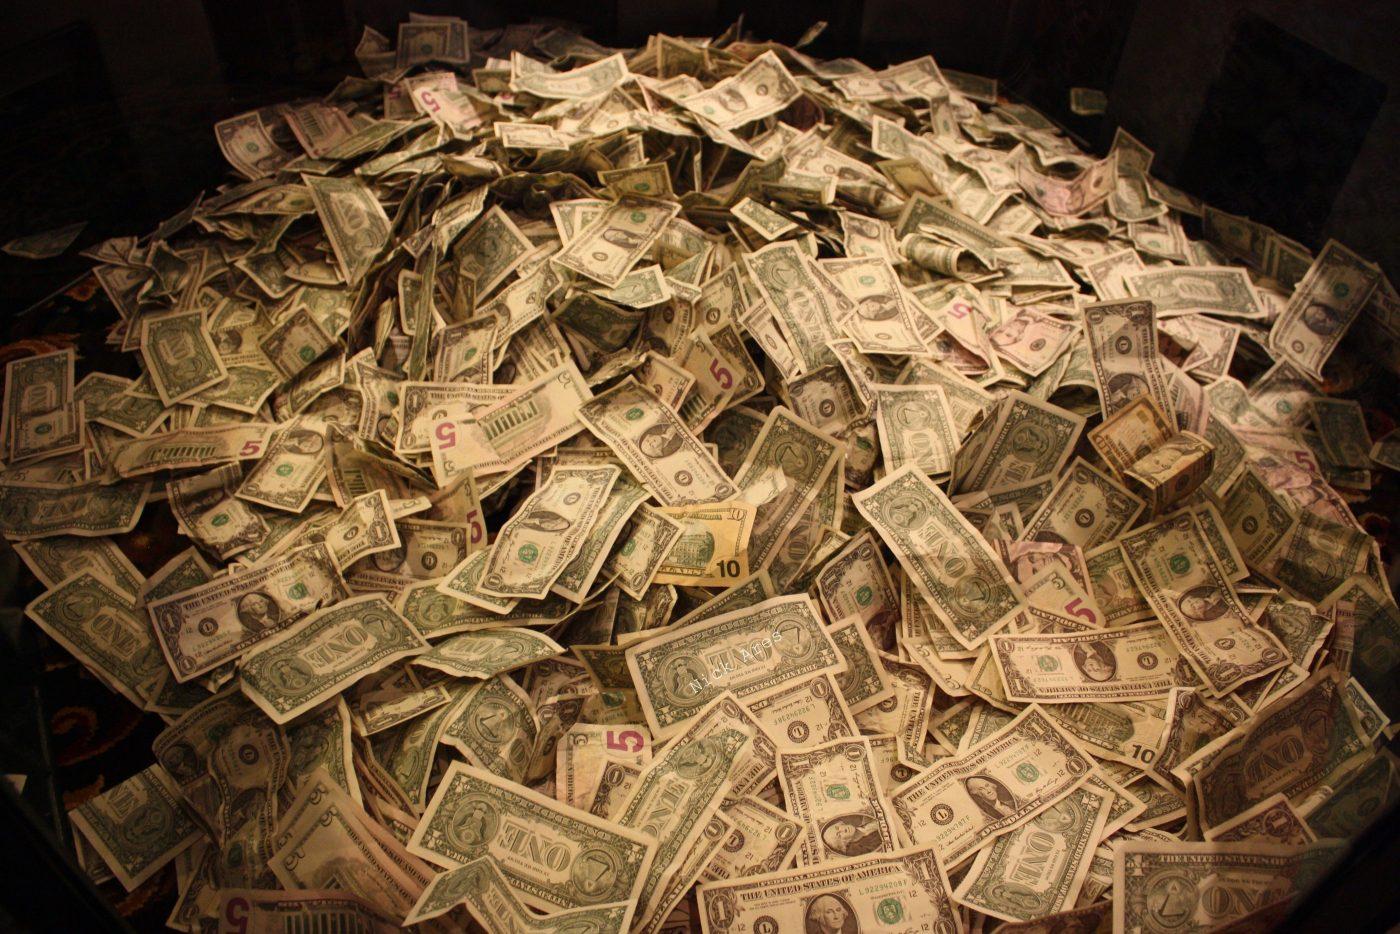 開放政治獻金再起,鍵盤監督政治人物的花費和捐款